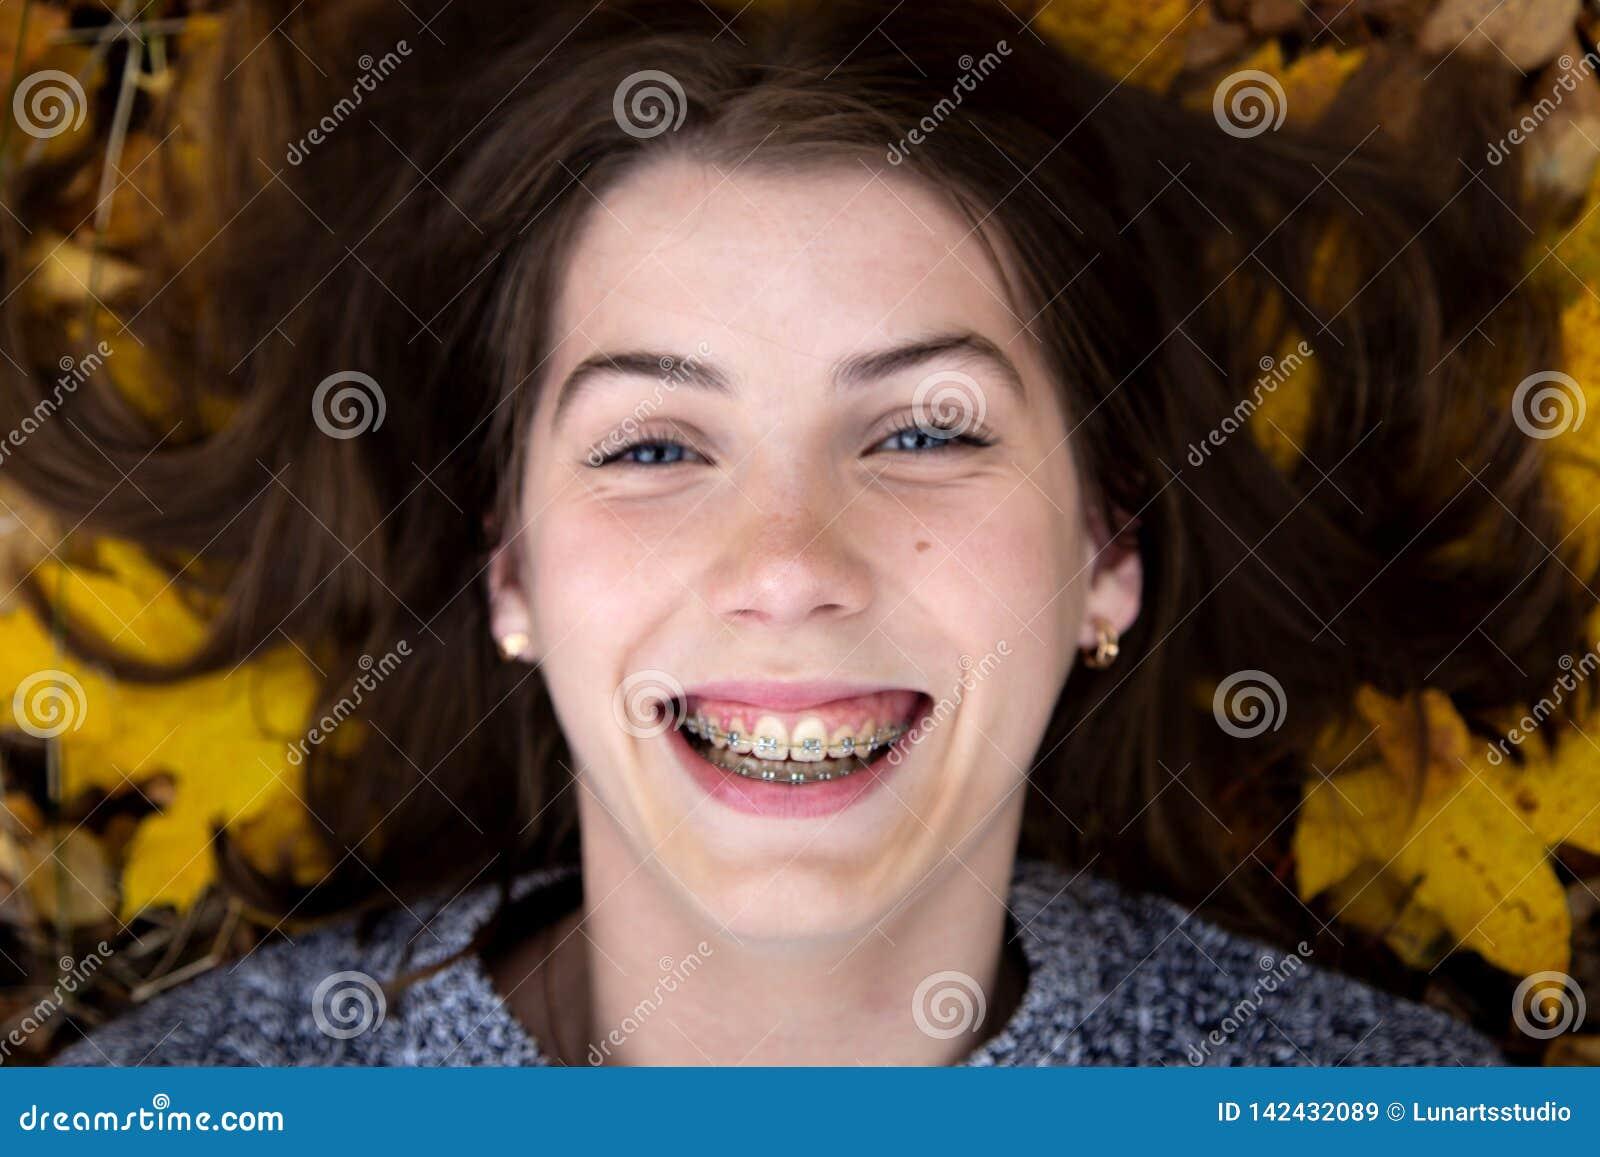 Взгляд сверху милой девушки с голубыми глазами с красивой улыбкой и расчалками на ее зубах, которые в лож осени на том основании